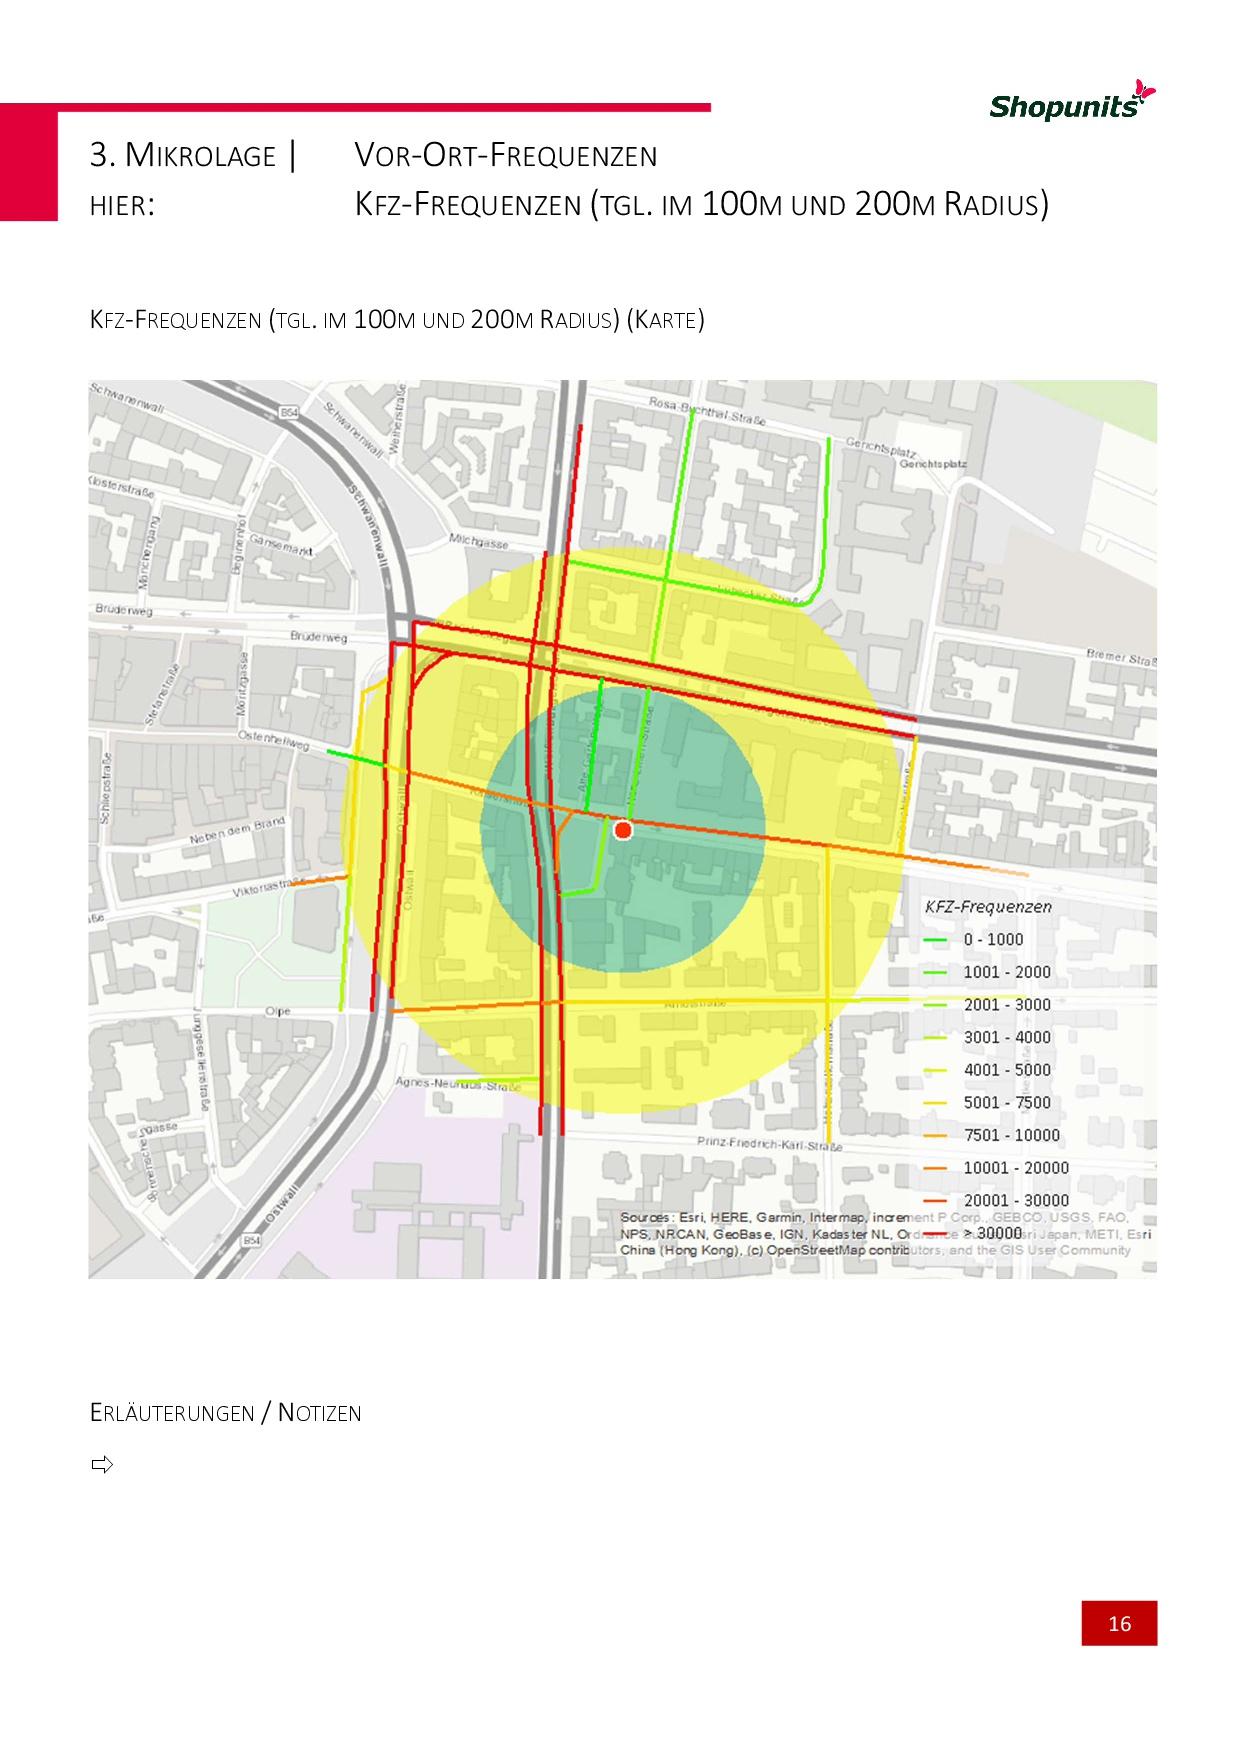 Go*Local - Online-Analysen für Markt, Standort und Wettbewerb, hier: Kfz-Frequenzen (tgl. im 100m - 200m Radius)